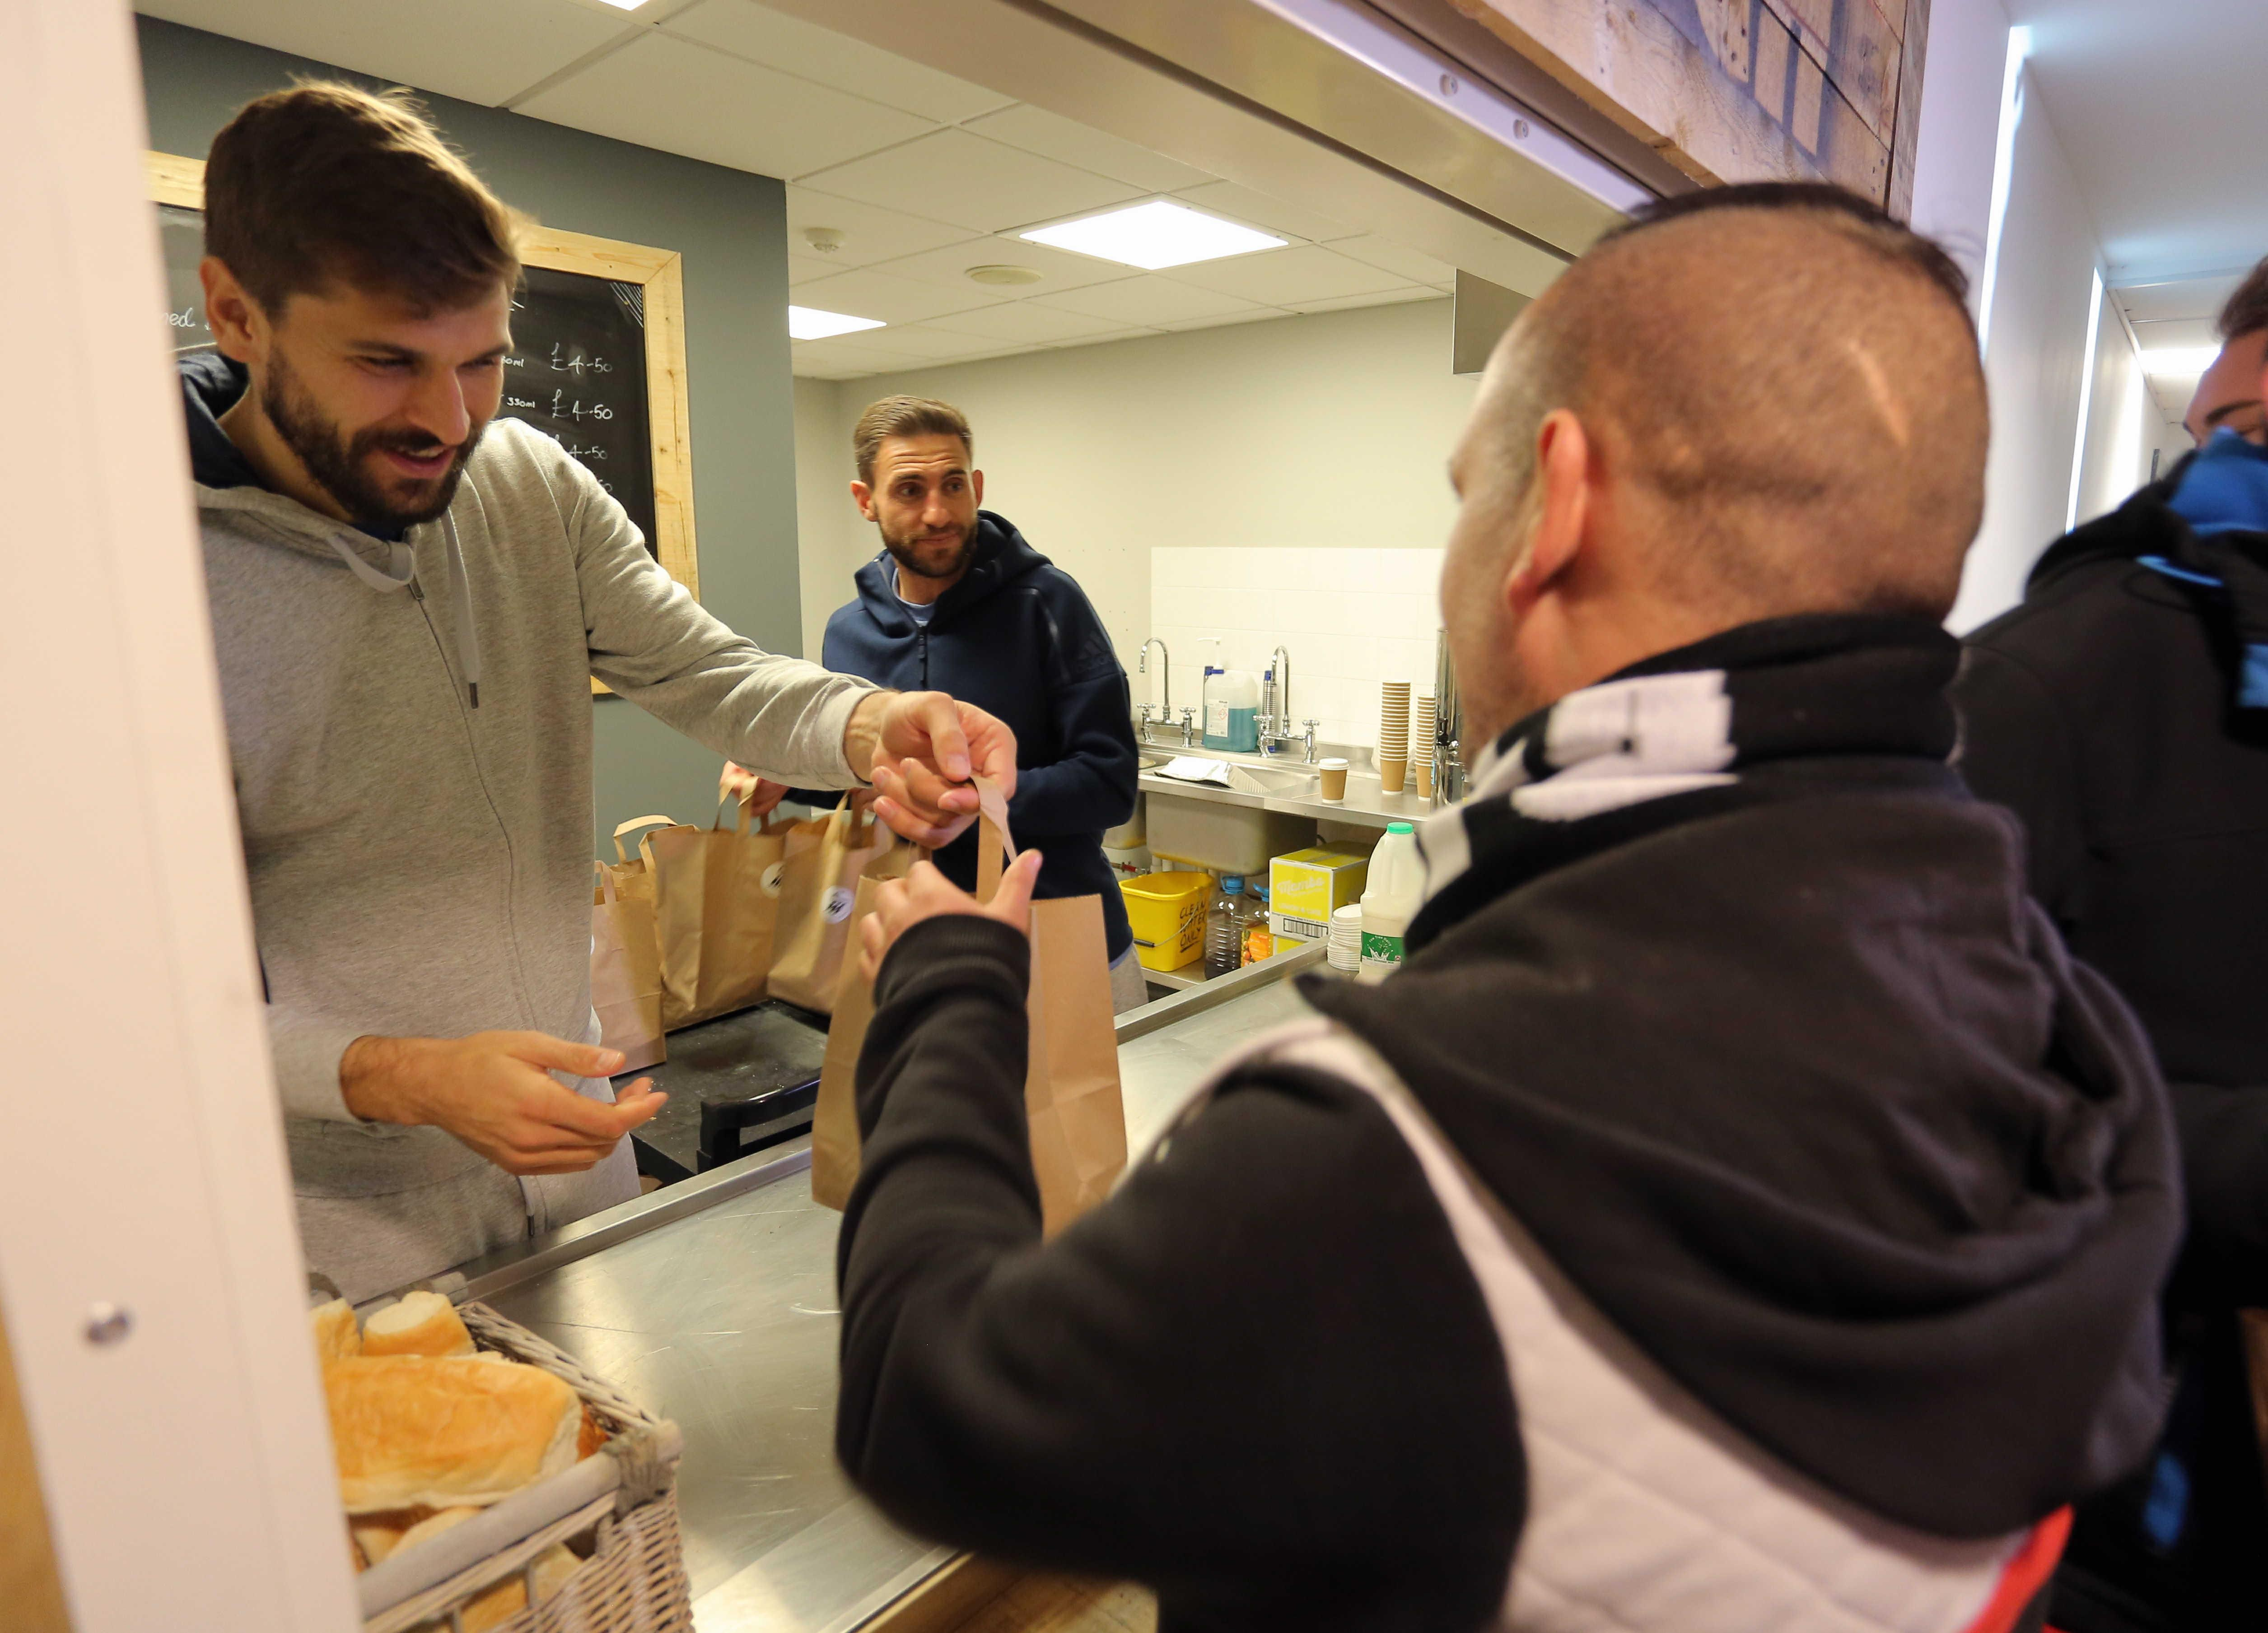 Huddersfield Soup Kitchen